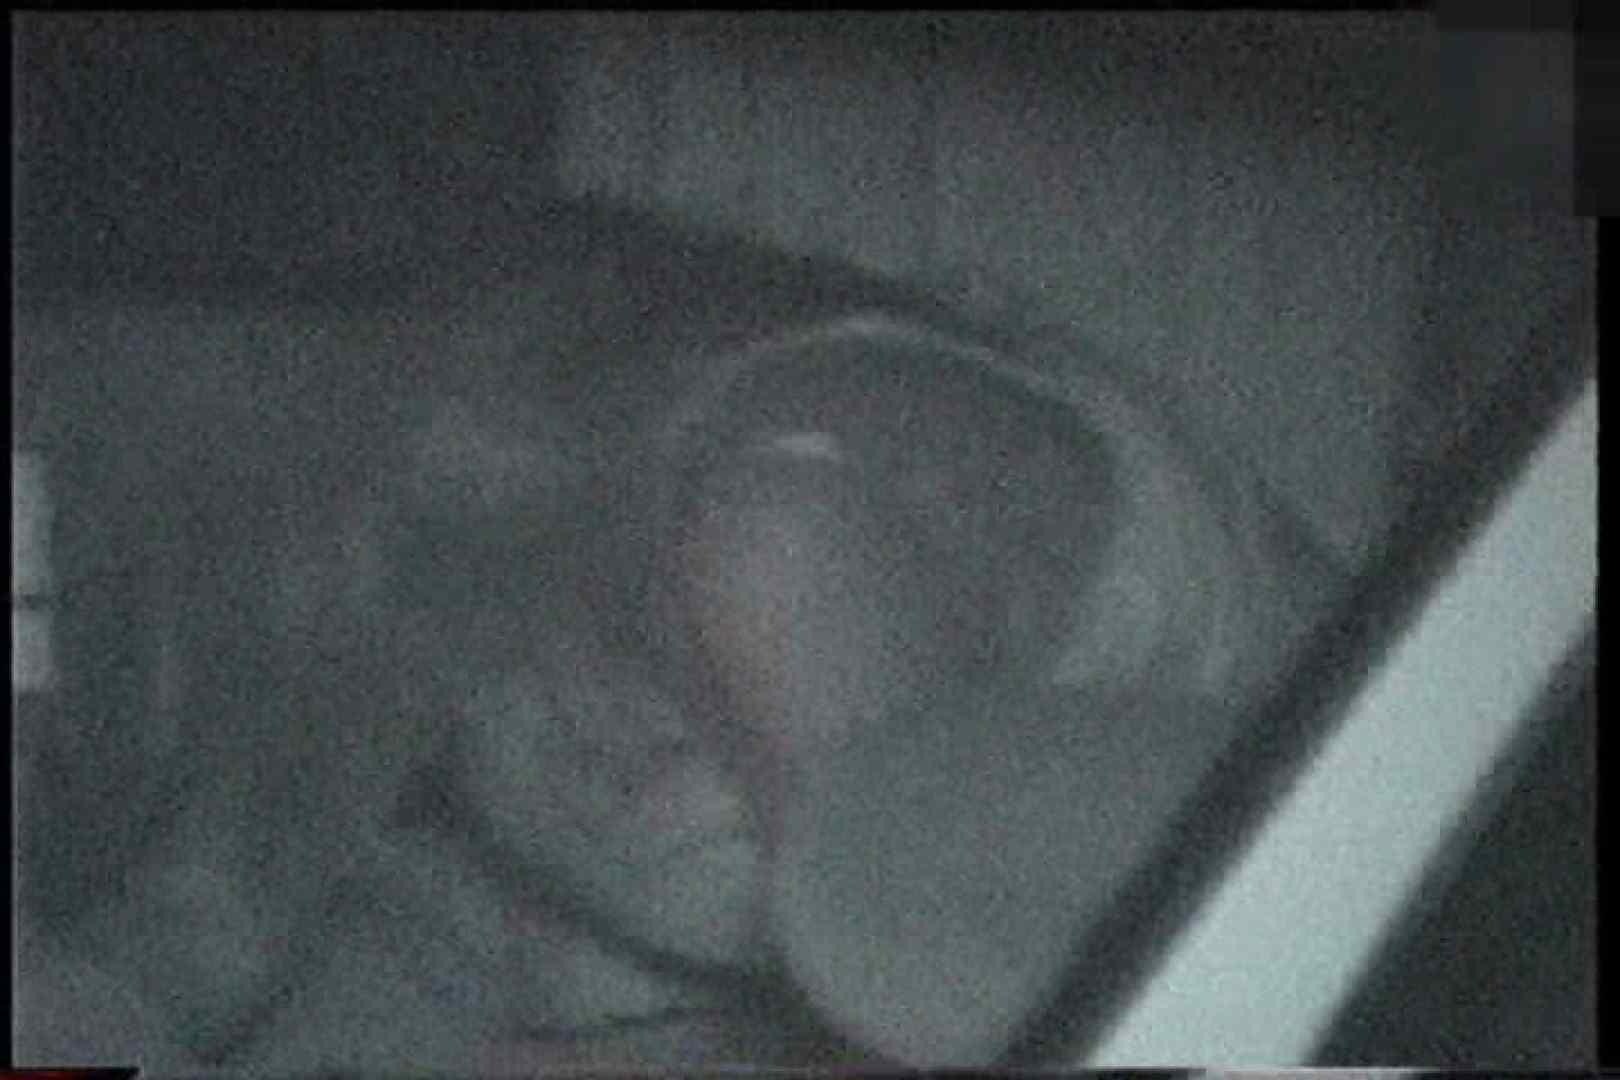 充血監督の深夜の運動会Vol.177 前編 性欲 のぞき動画画像 74pic 3